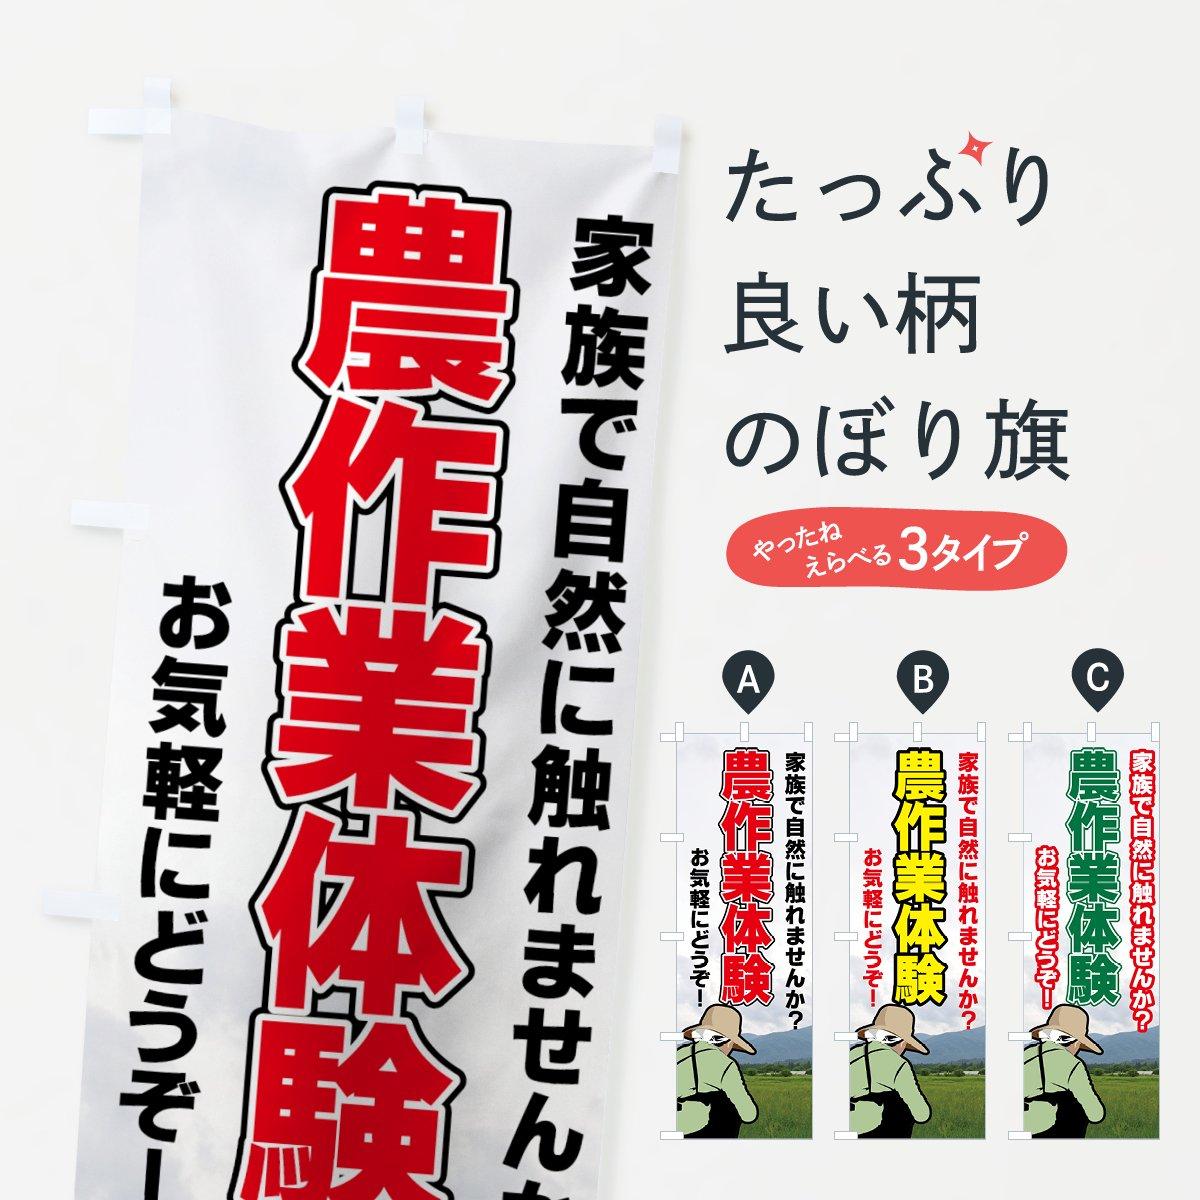 農作業体験のぼり旗【カルチャークラブ】[塾・教室・習い事]